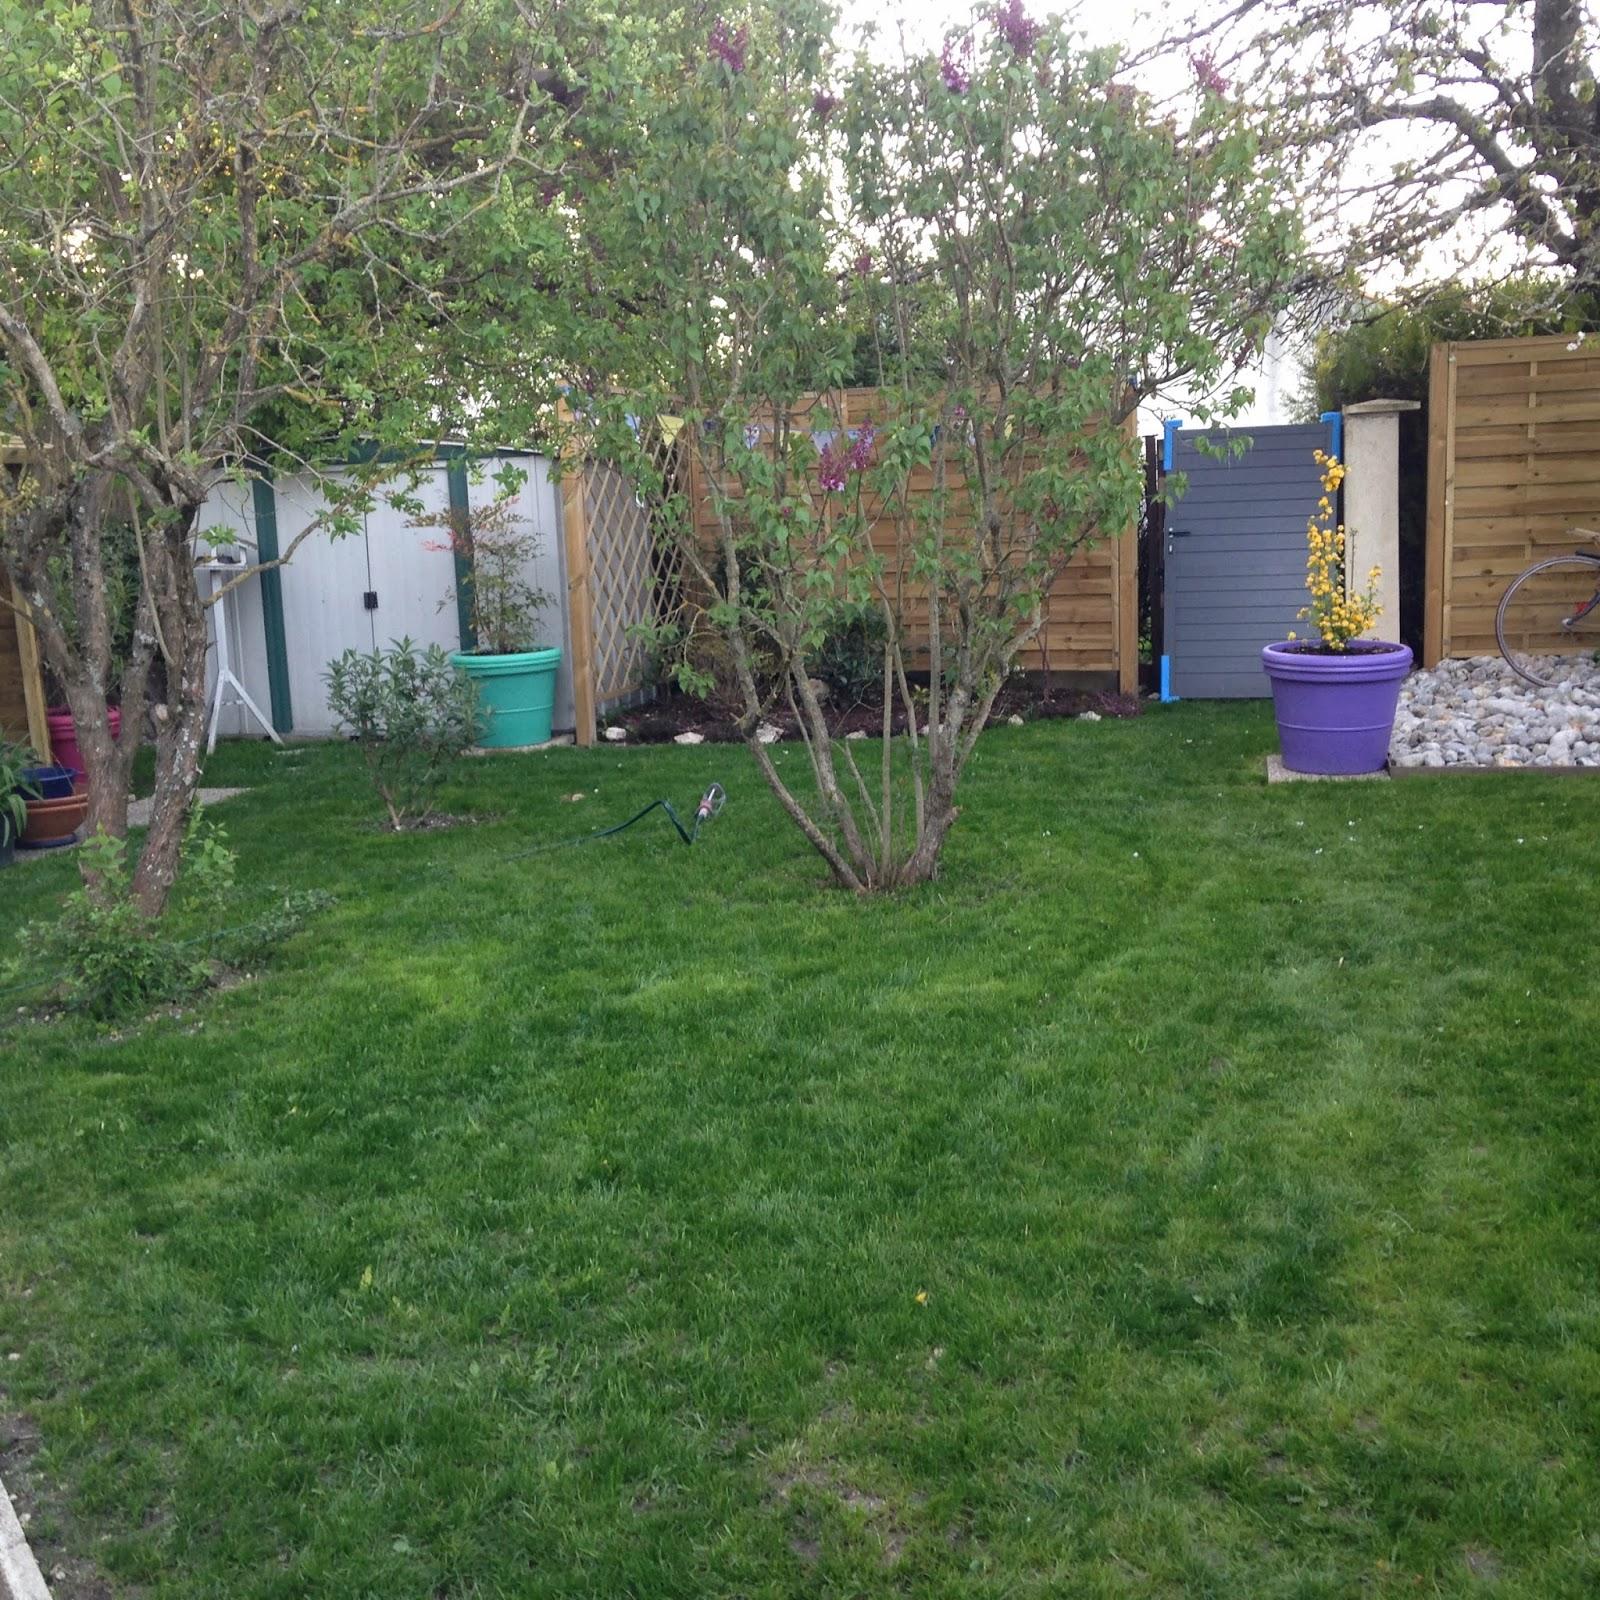 Gd Paysage Cr Ation D 39 Un Jardin D 39 Ambiance Plantations En Pots Cr Ation D 39 Une Petite Terrasse